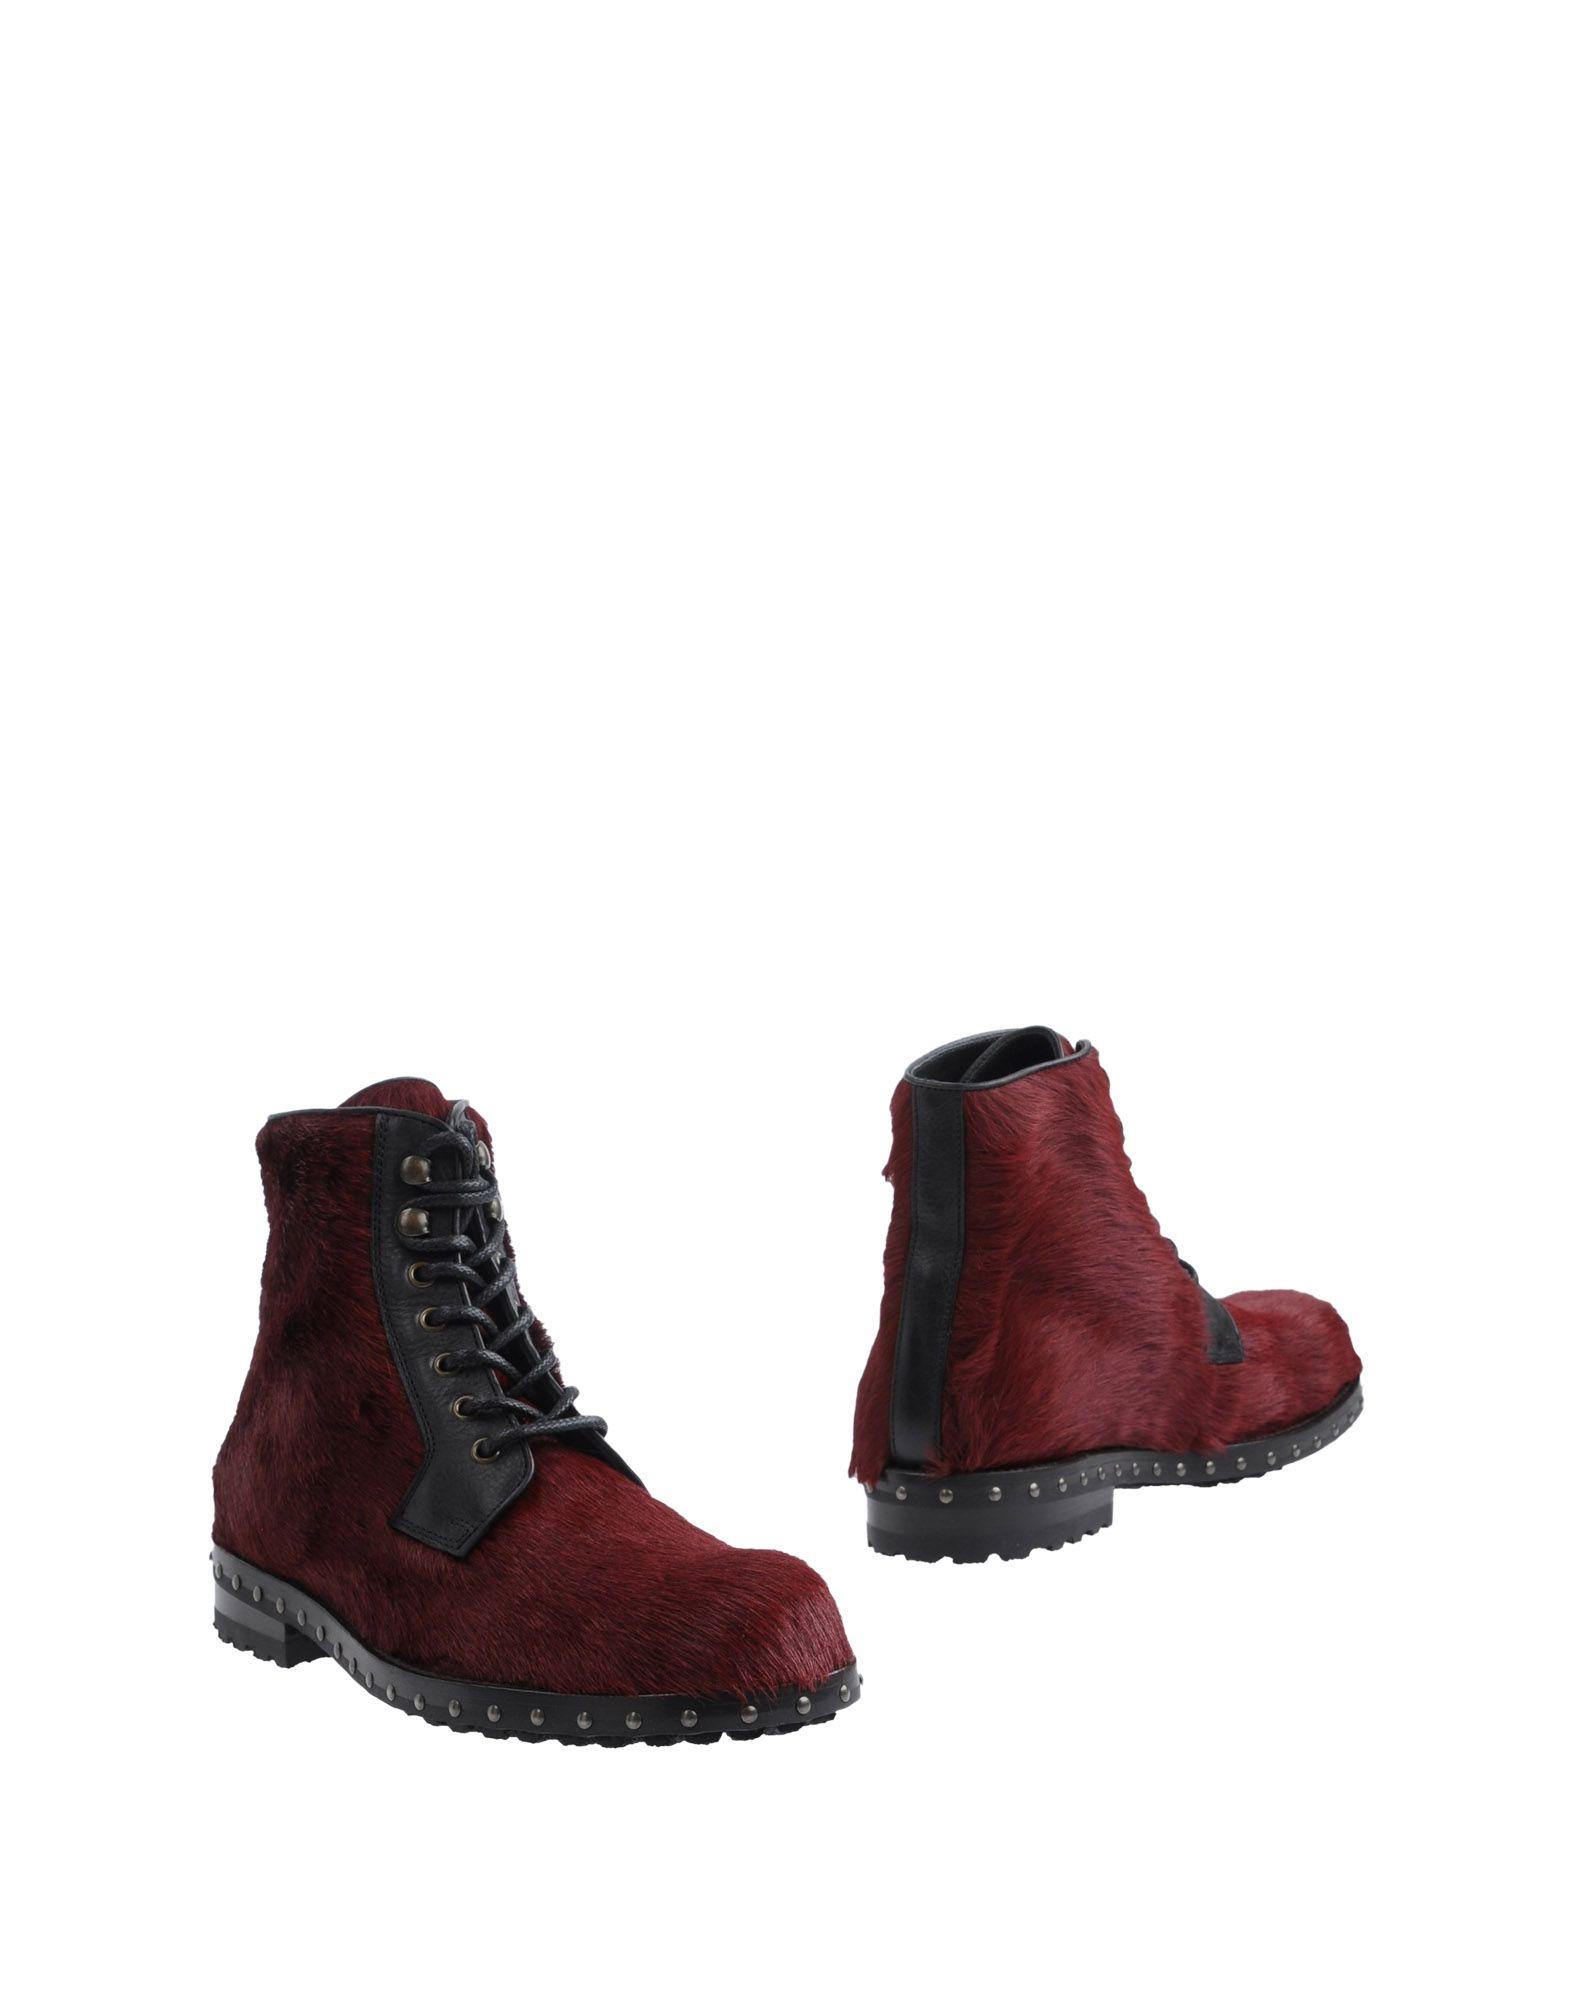 Dolce & Gabbana Stiefelette Herren  11315902QG Gute Qualität beliebte Schuhe